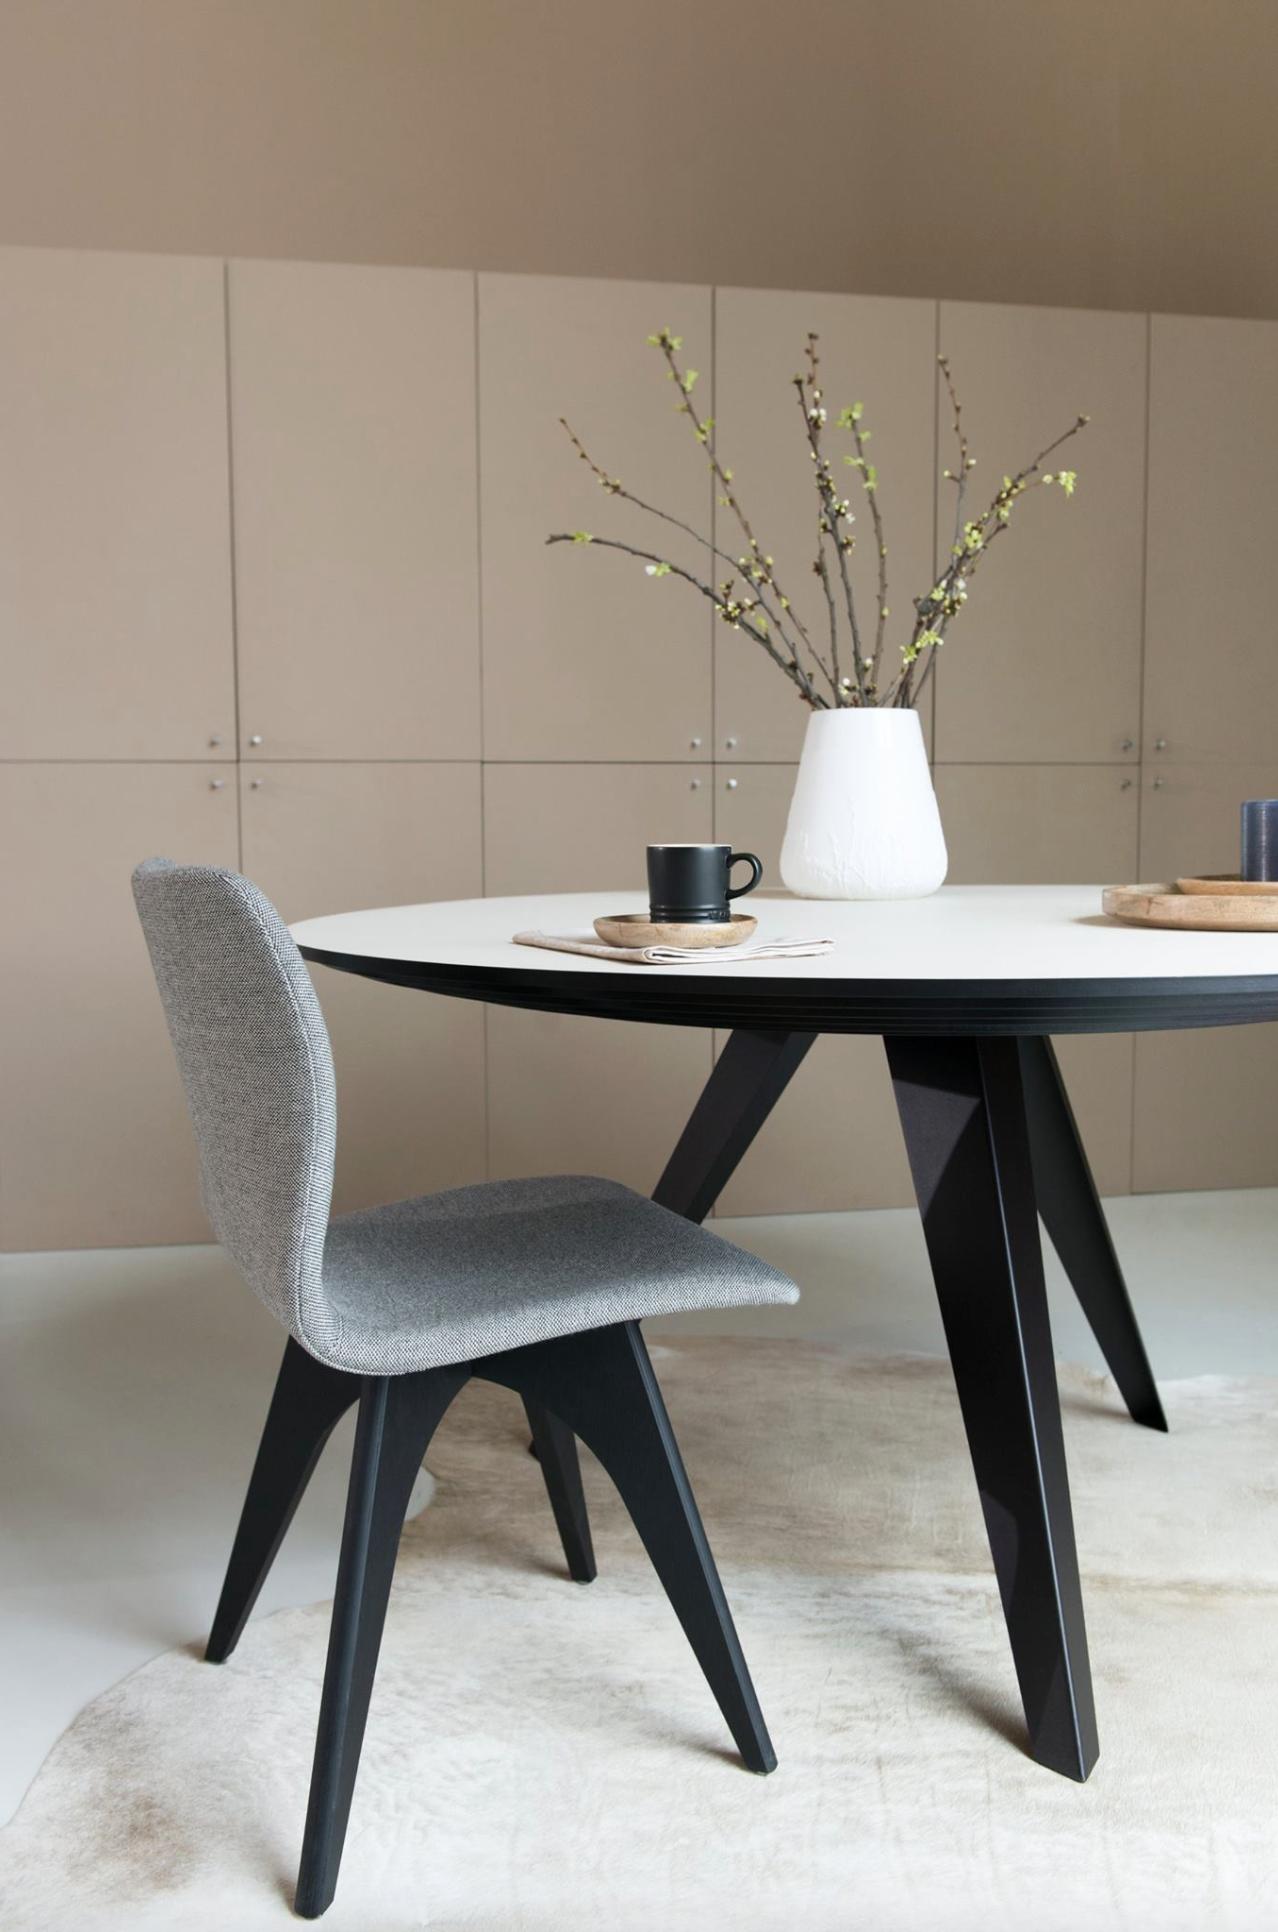 une table ronde anime joliment une salle manger de taille modeste table ronde belly - Table Ronde De Salle A Manger